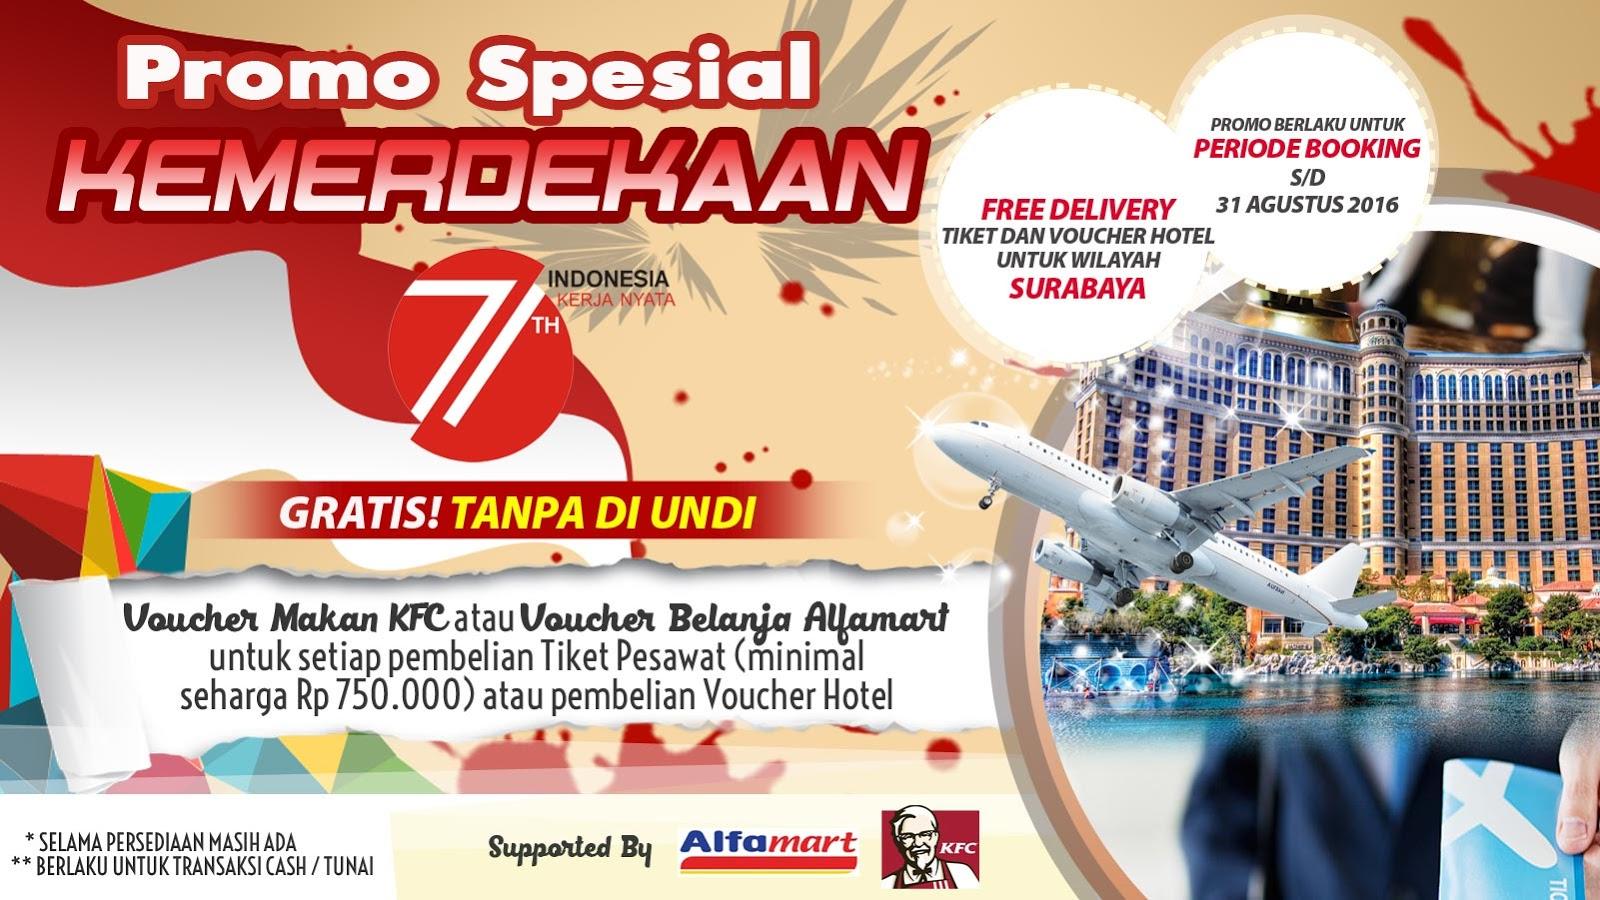 harga tiket pesawat online termurah, jual tiket pesawat online di surabaya, booking tiket pesawat online terpercaya